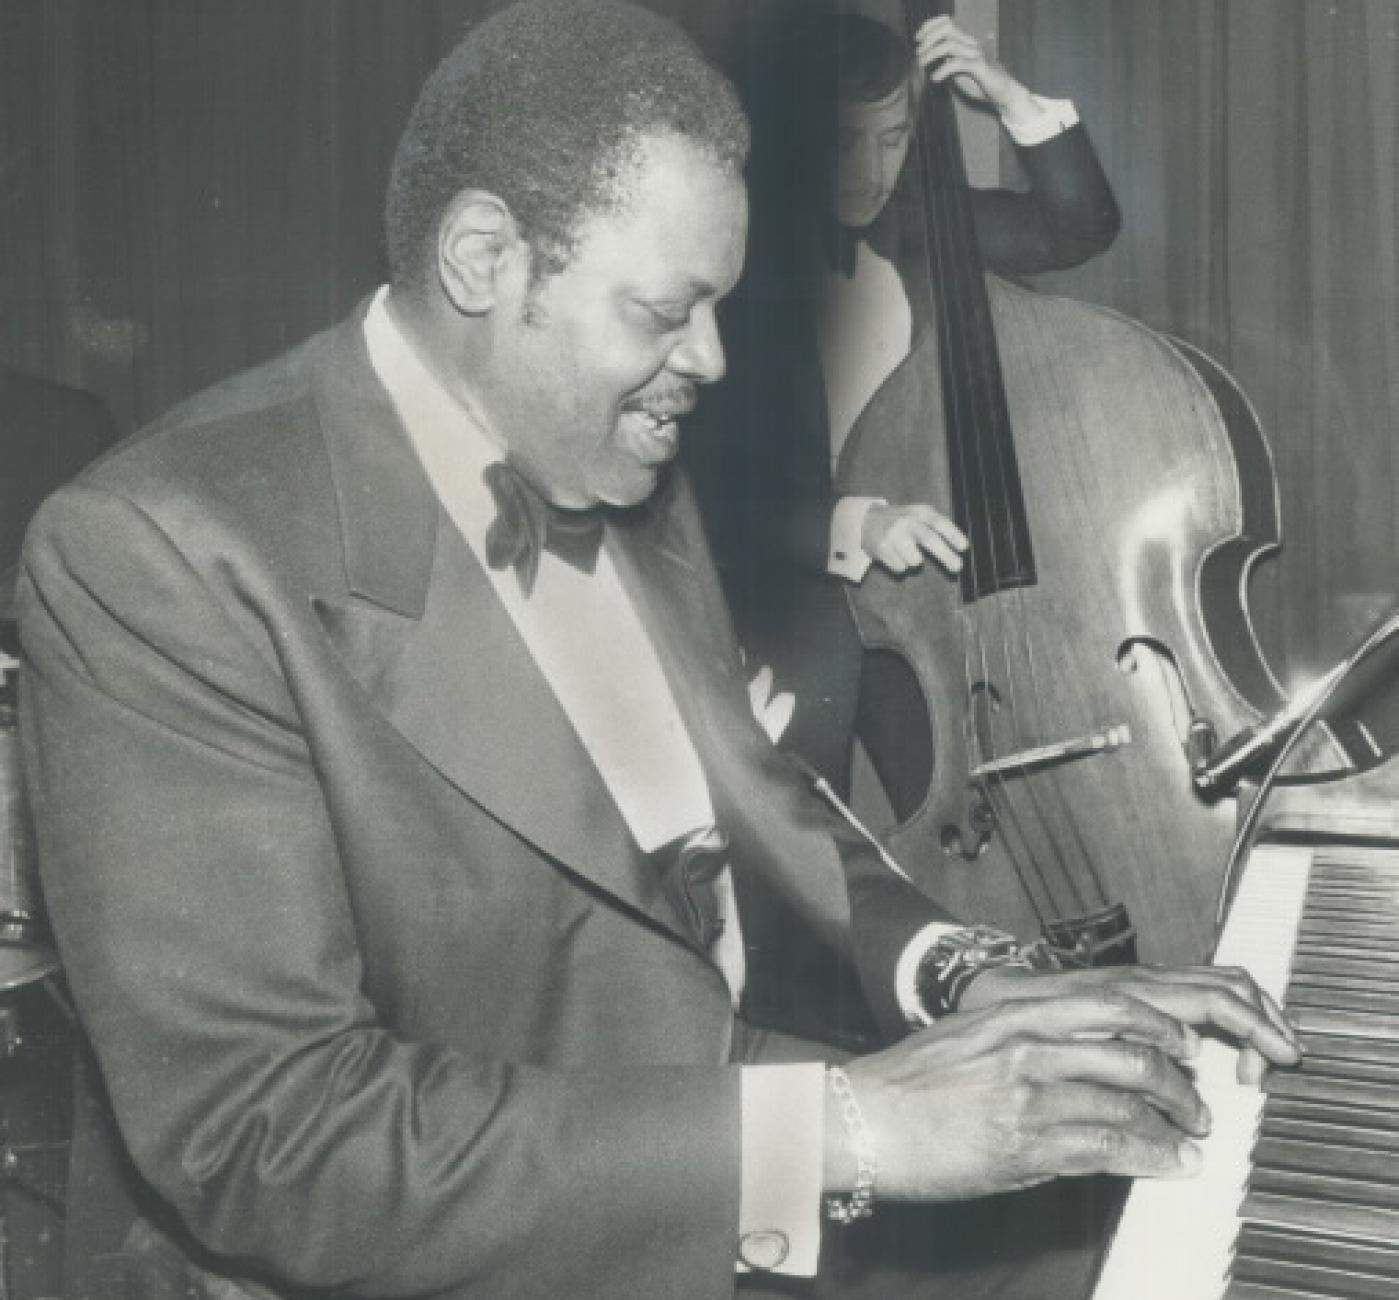 Un homme en complet joue du piano. Derrière lui, un contrebassiste joue.